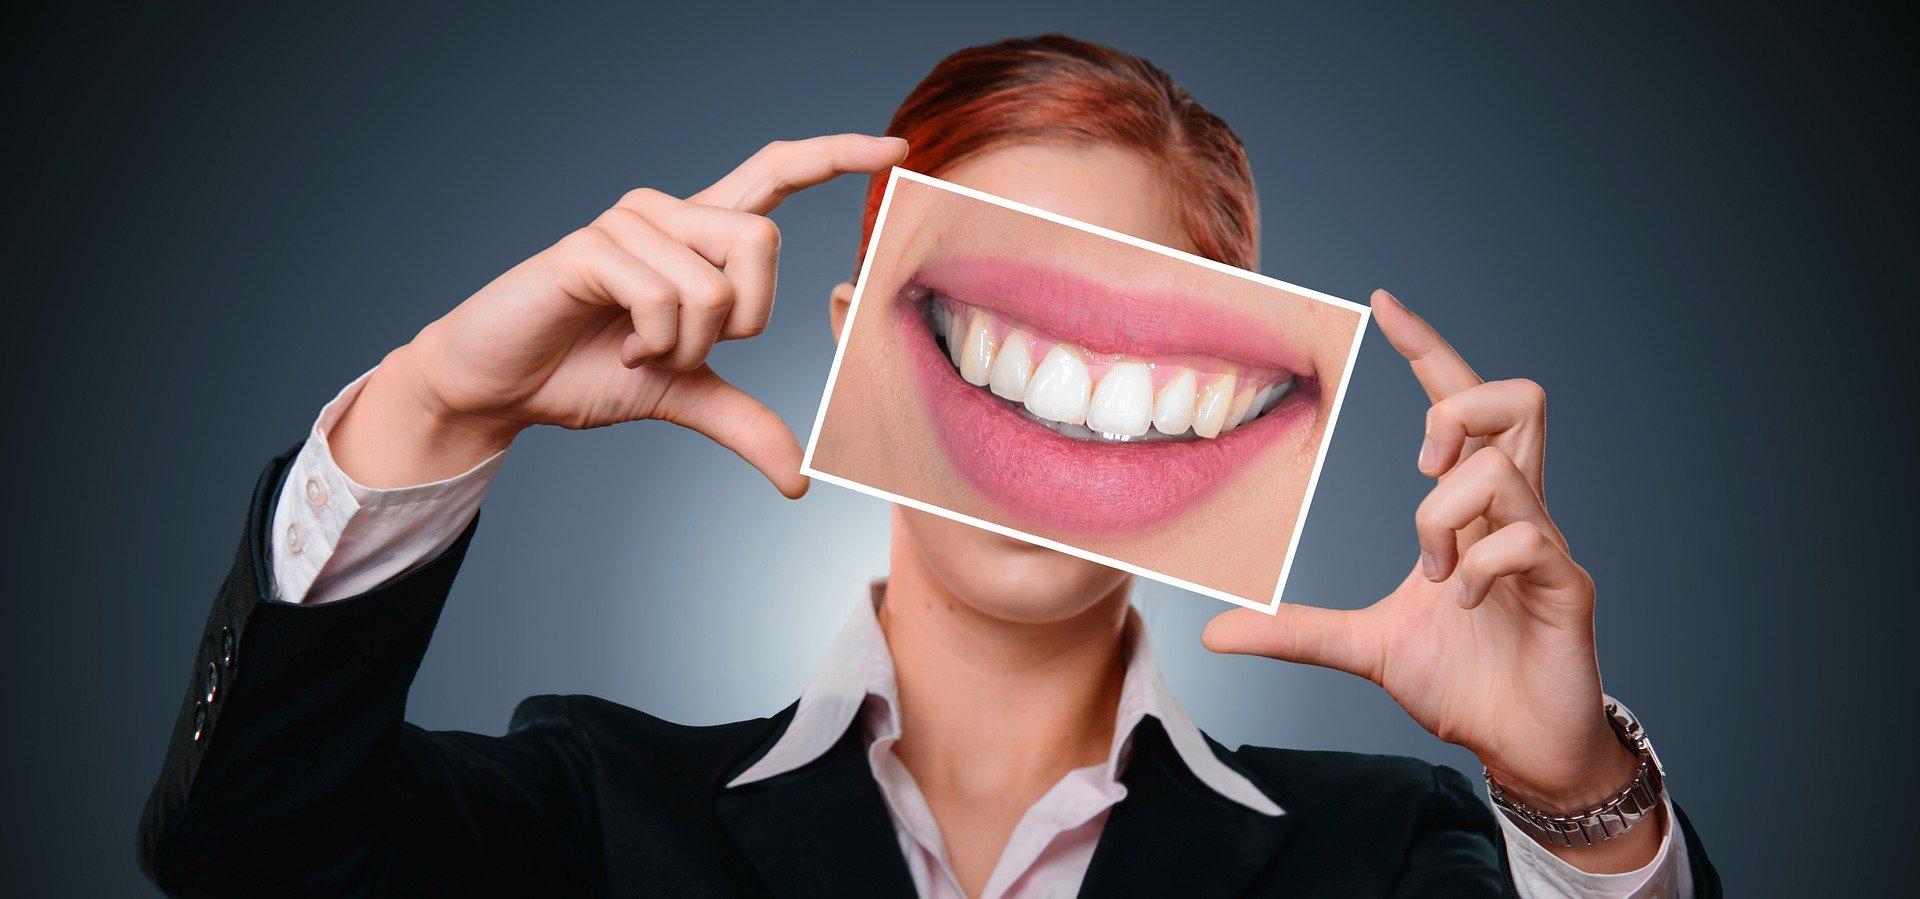 usuwanie kamienia na zębach